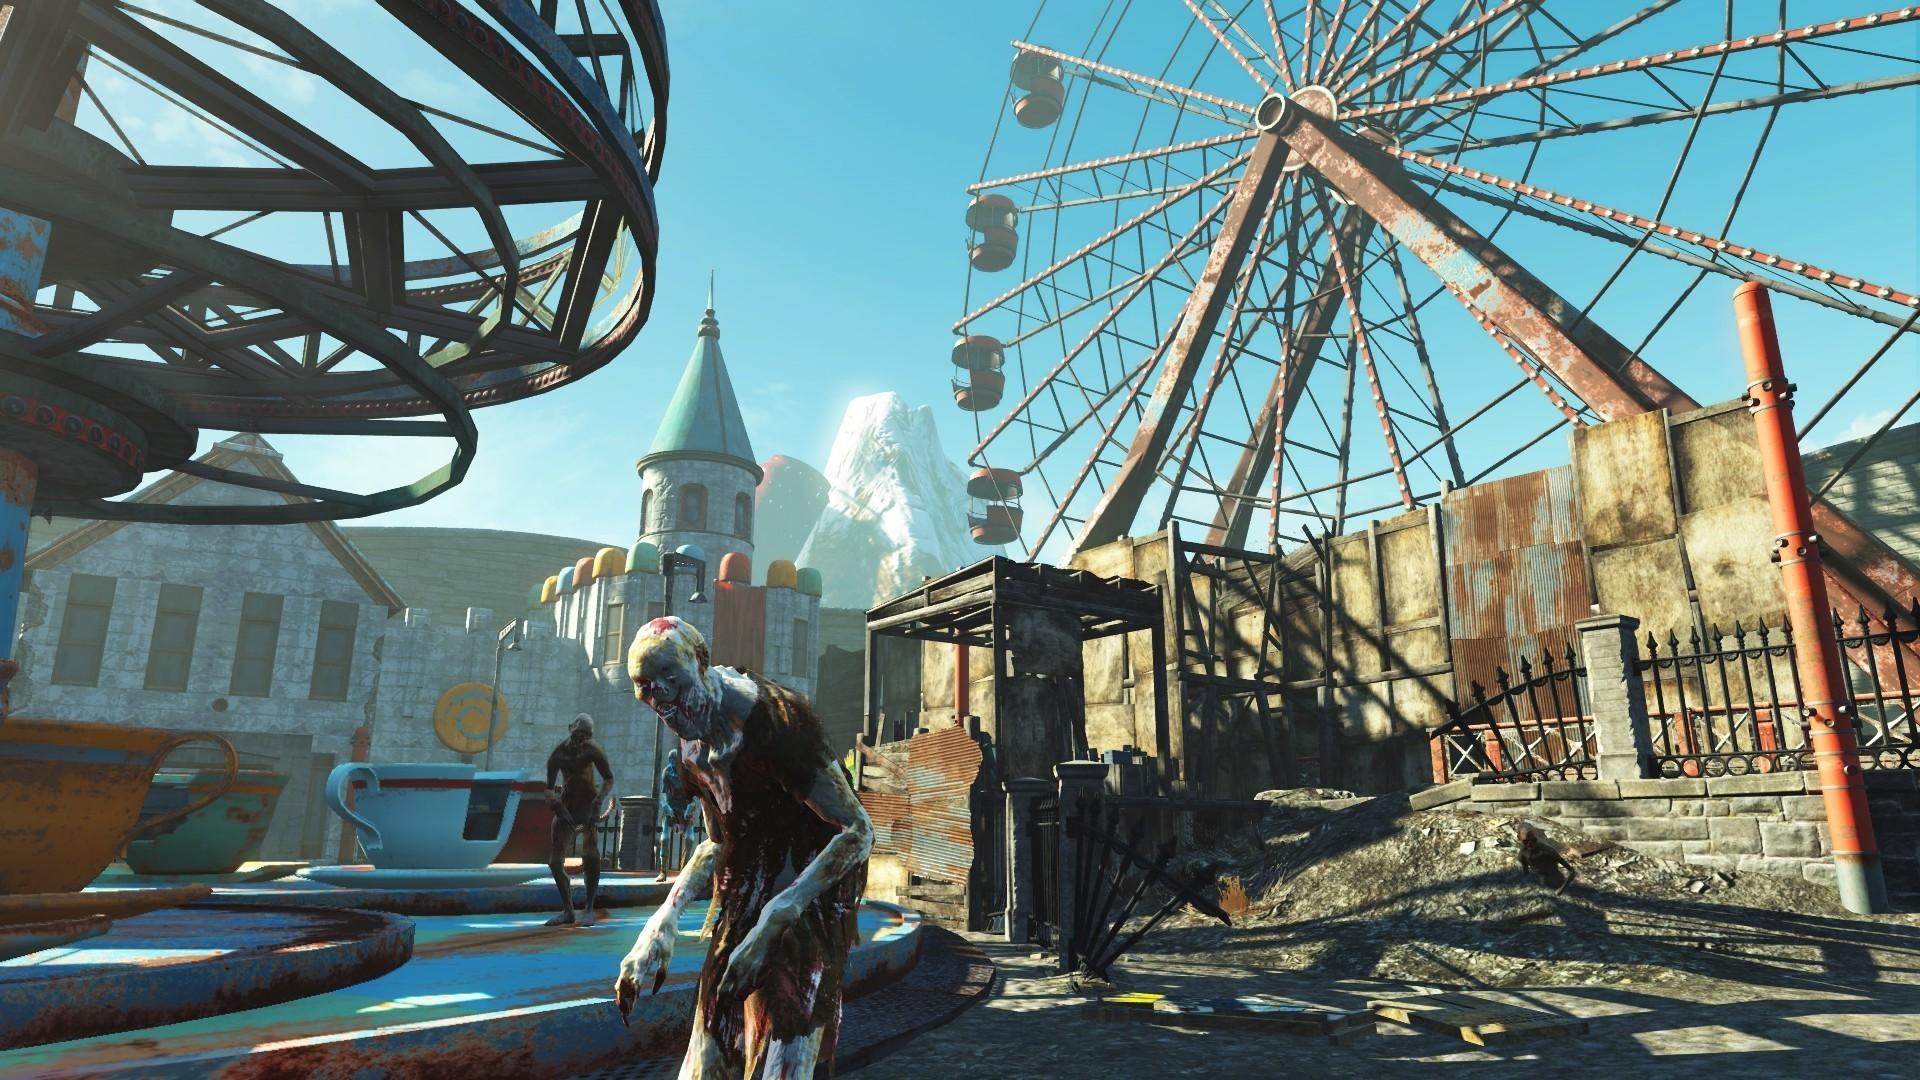 B社表示《辐射4》并不会推出PS4 Pro补丁